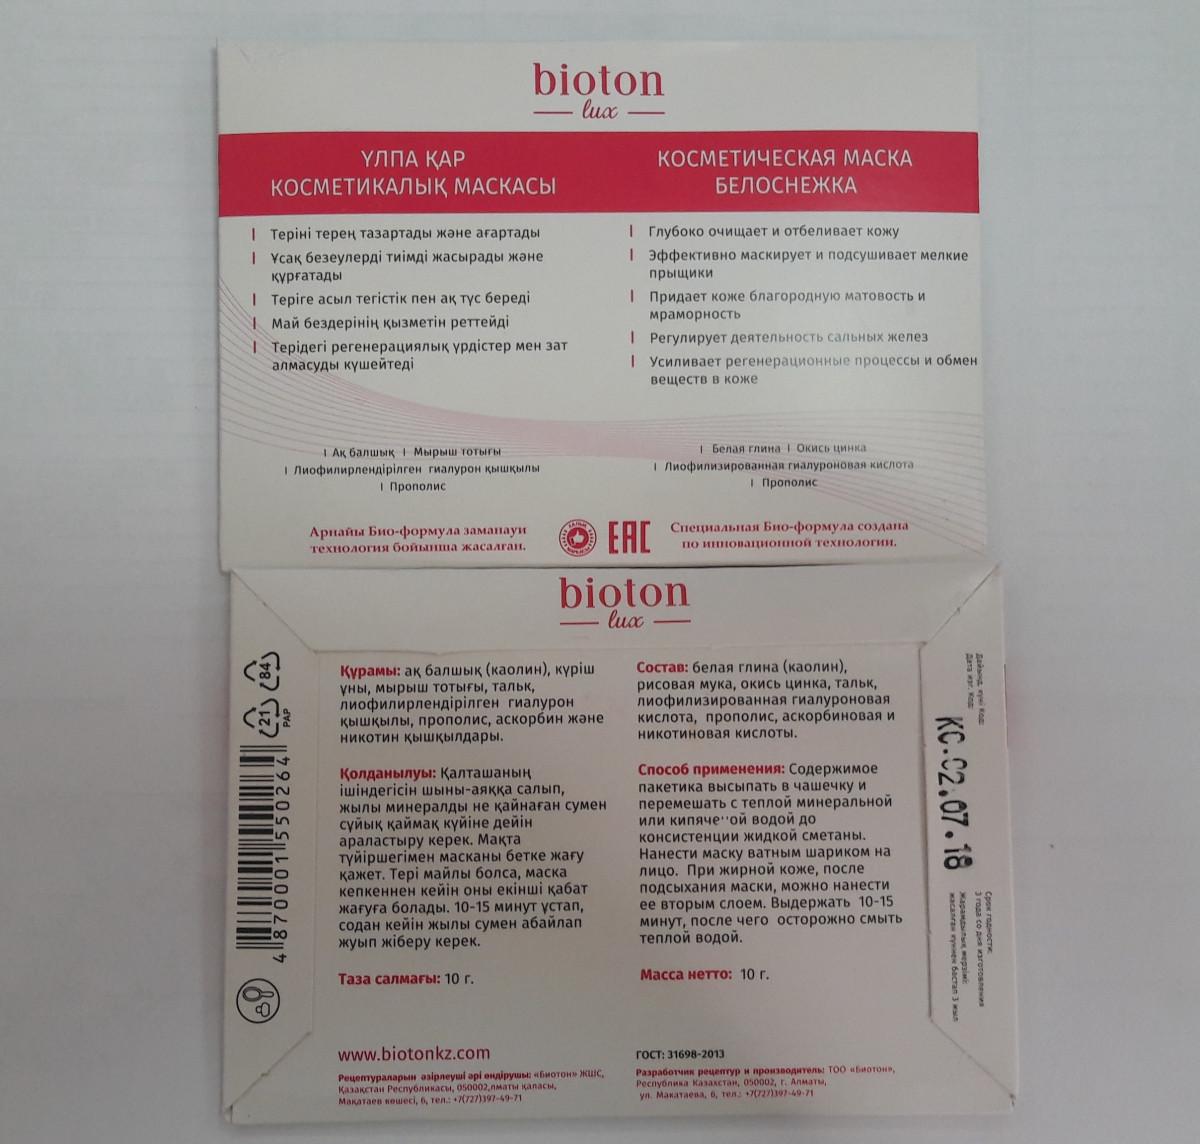 Маска «Белоснежка» Bioton Lux